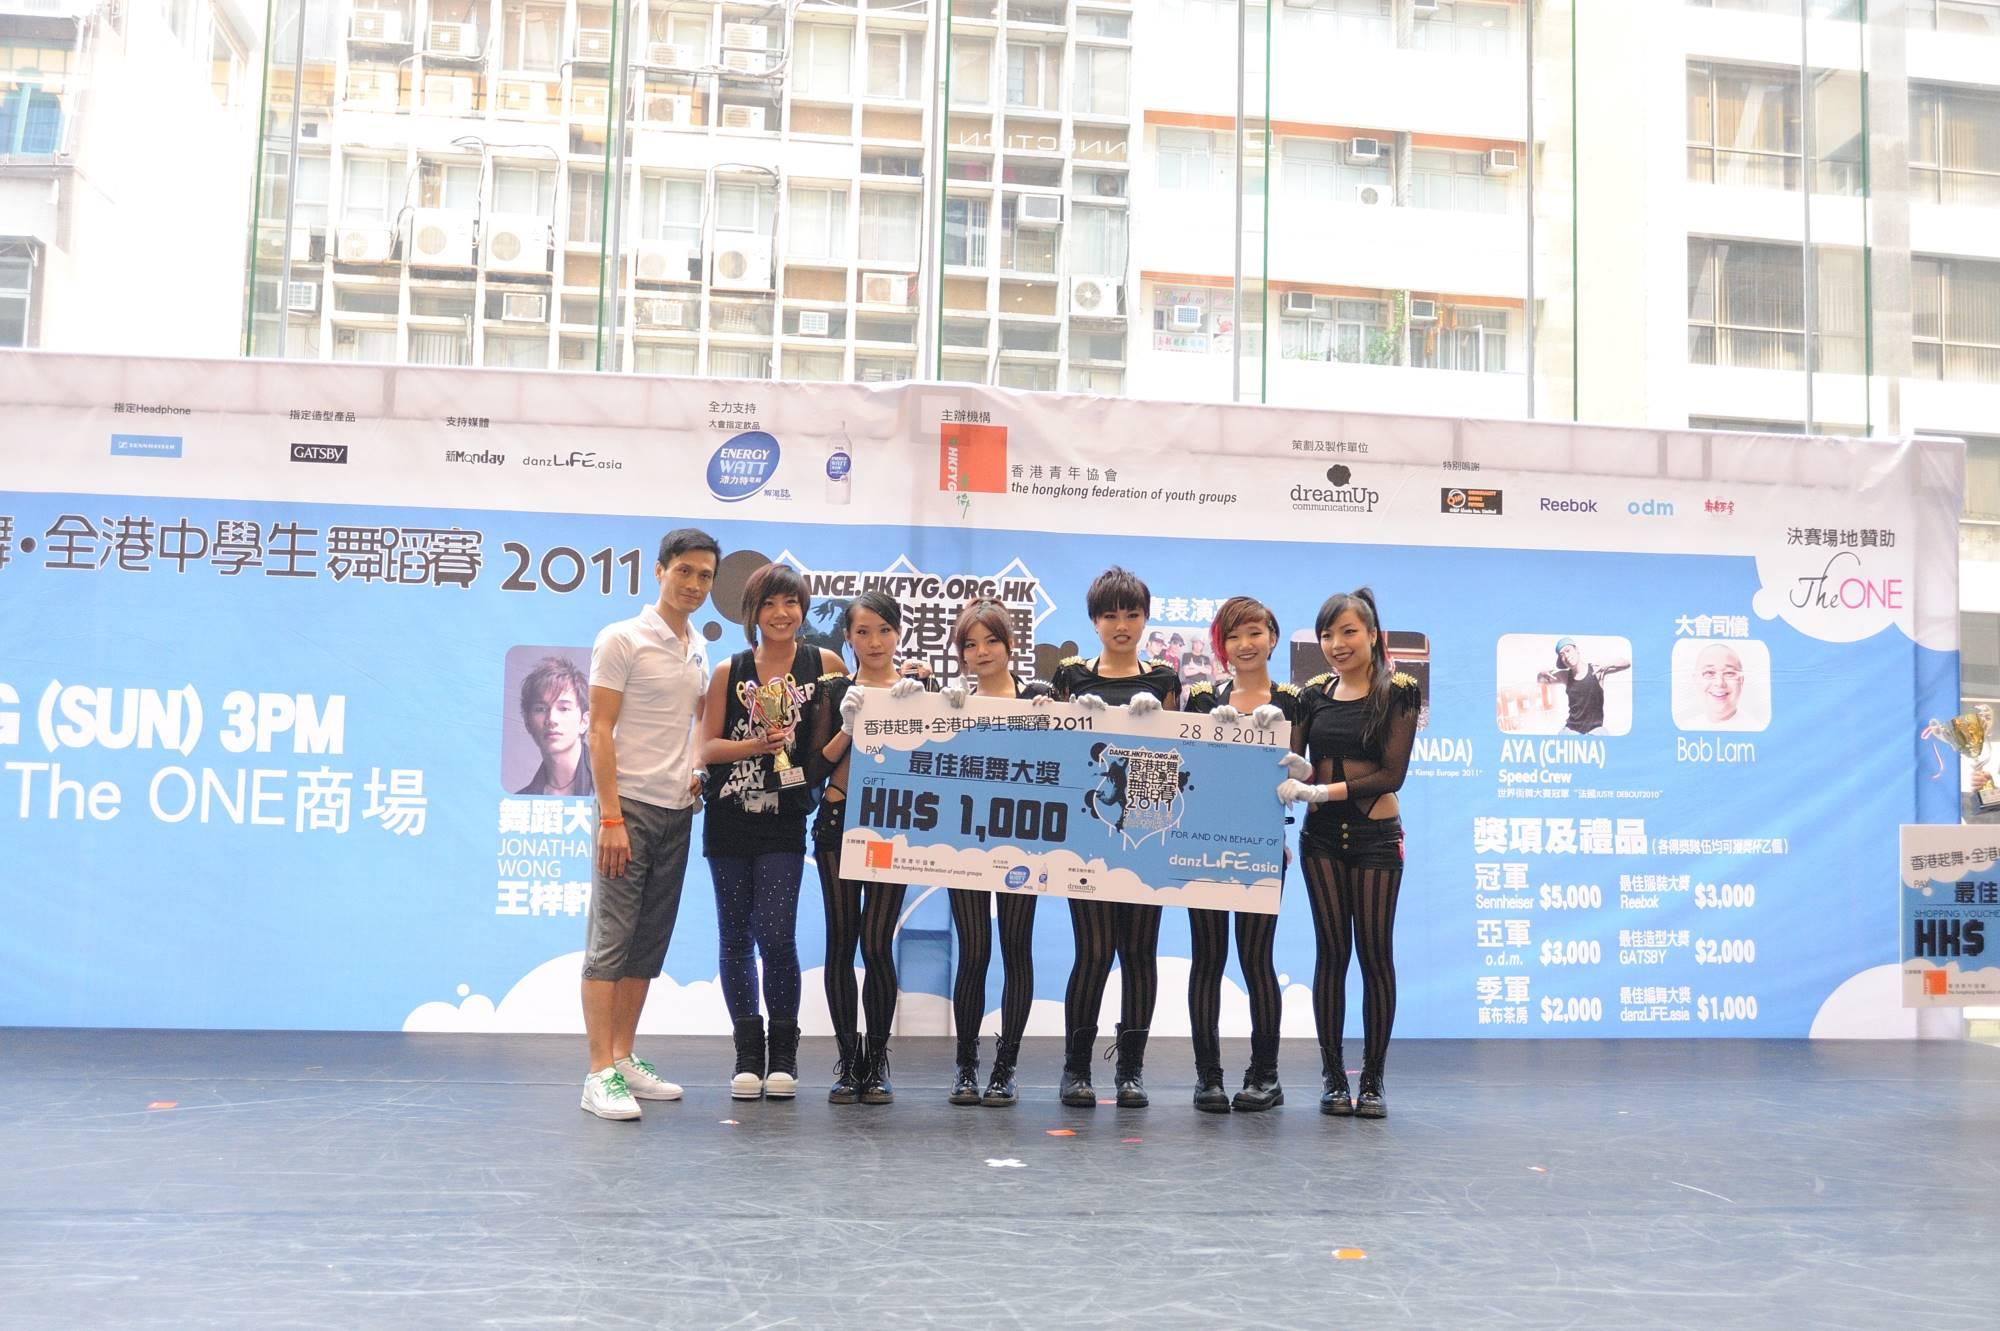 全港中學生舞蹈賽2011得獎隊伍 (3)